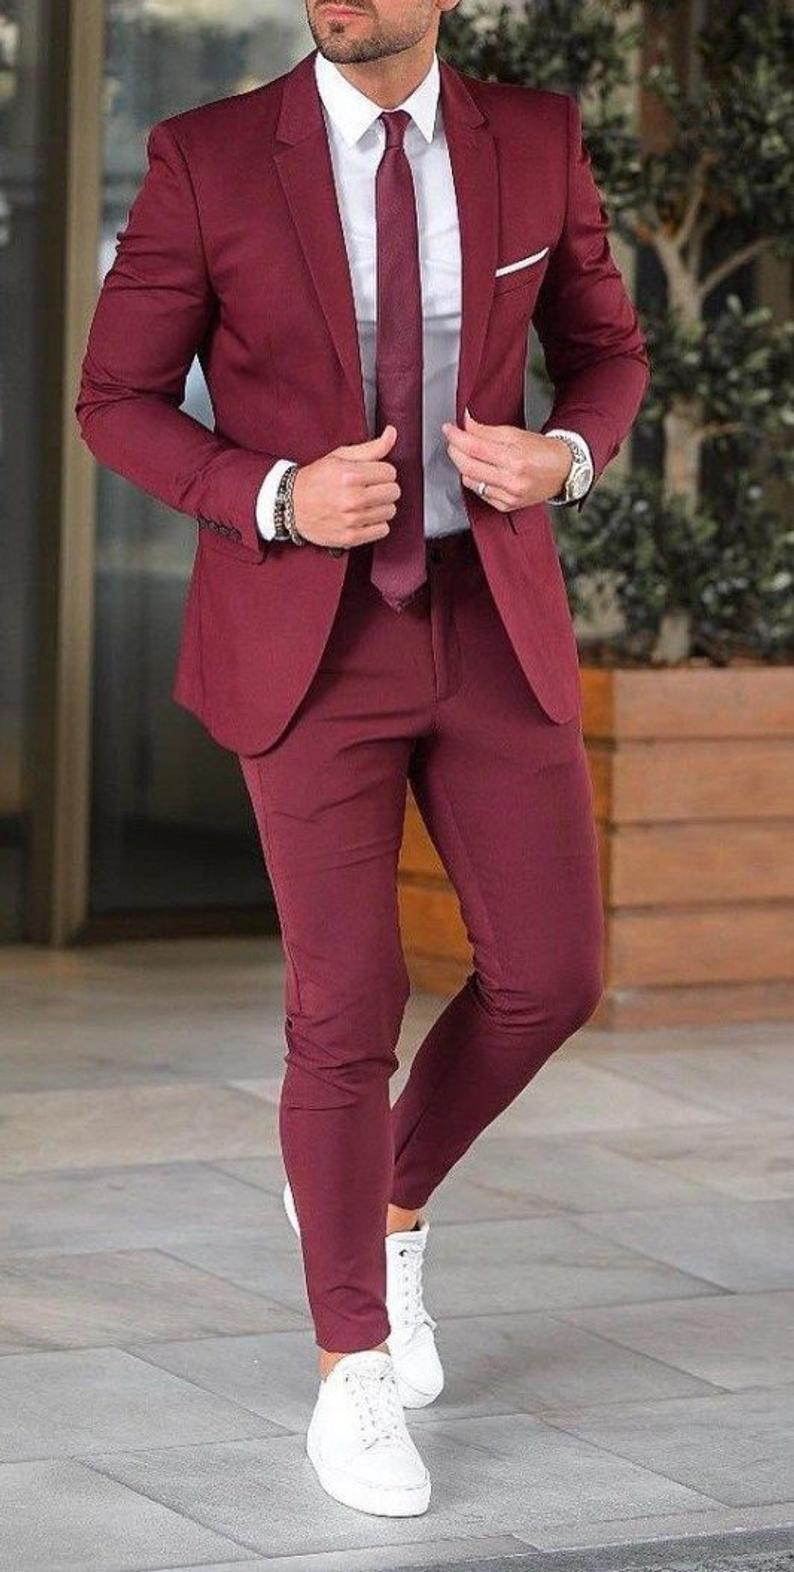 Mens Suit formal Summer Suit Burgundy 2 Piece Suit Slim Fit | Etsy – Kazue's Closet